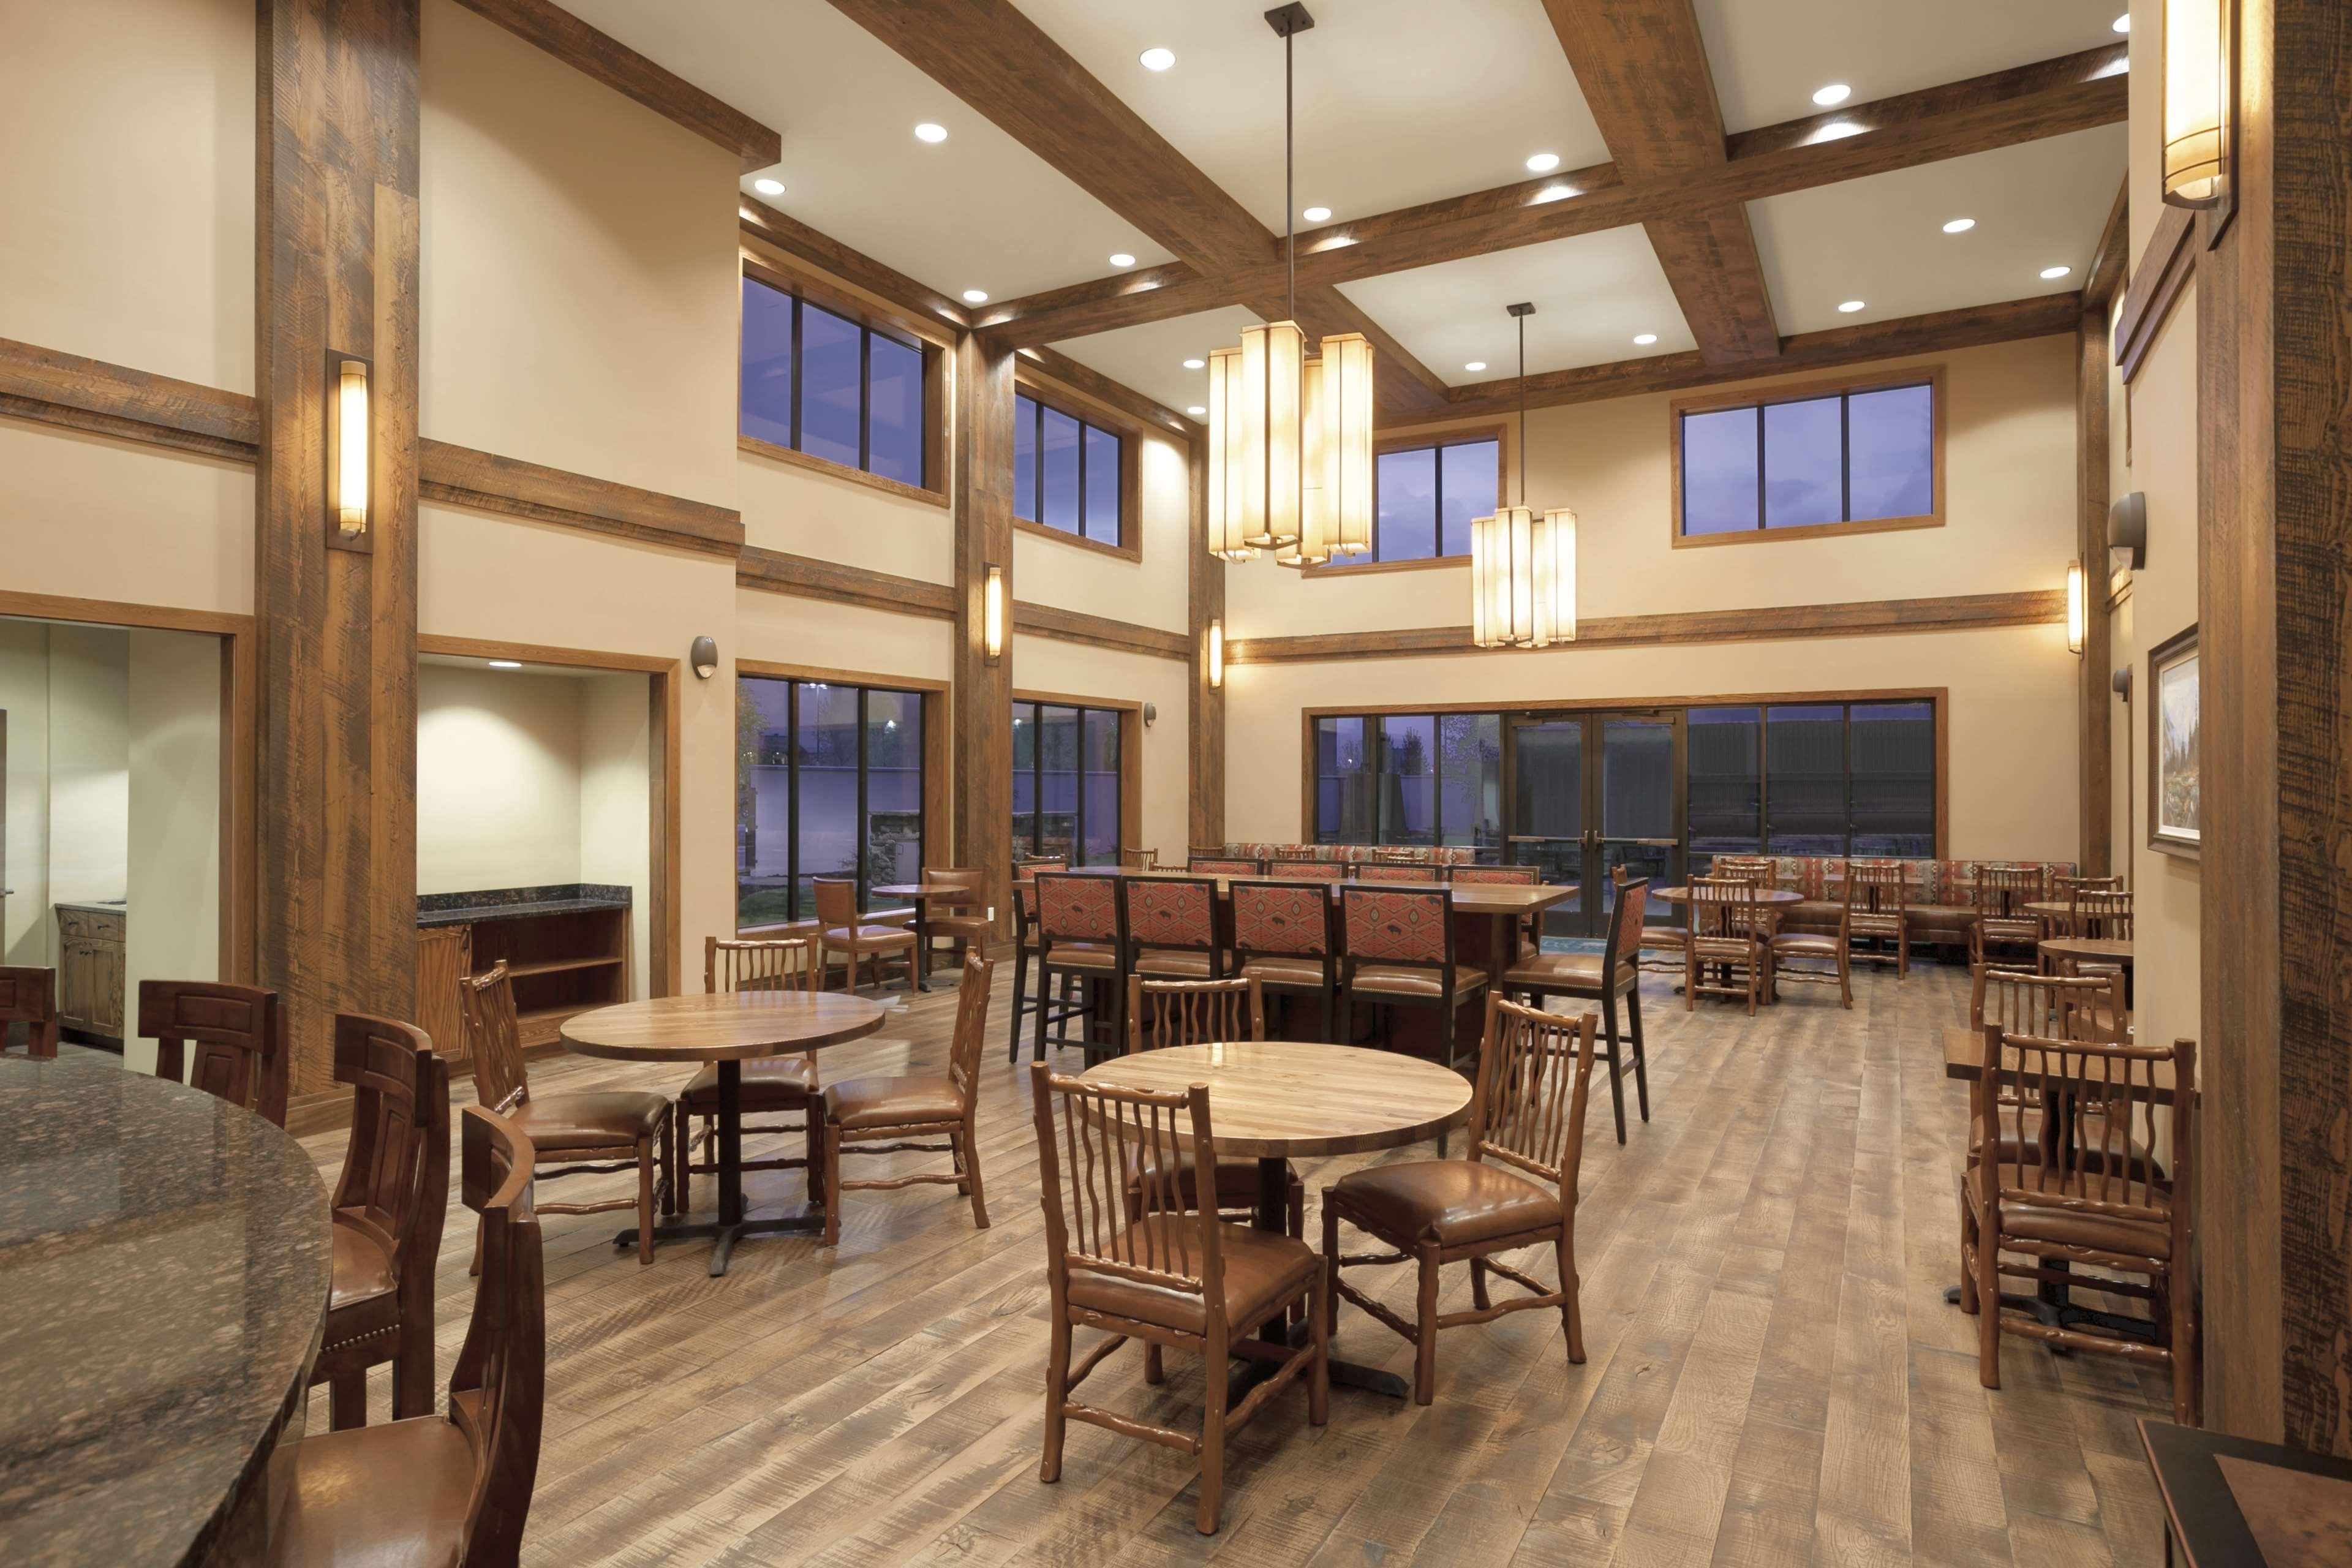 Homewood Suites by Hilton Kalispell, MT image 5